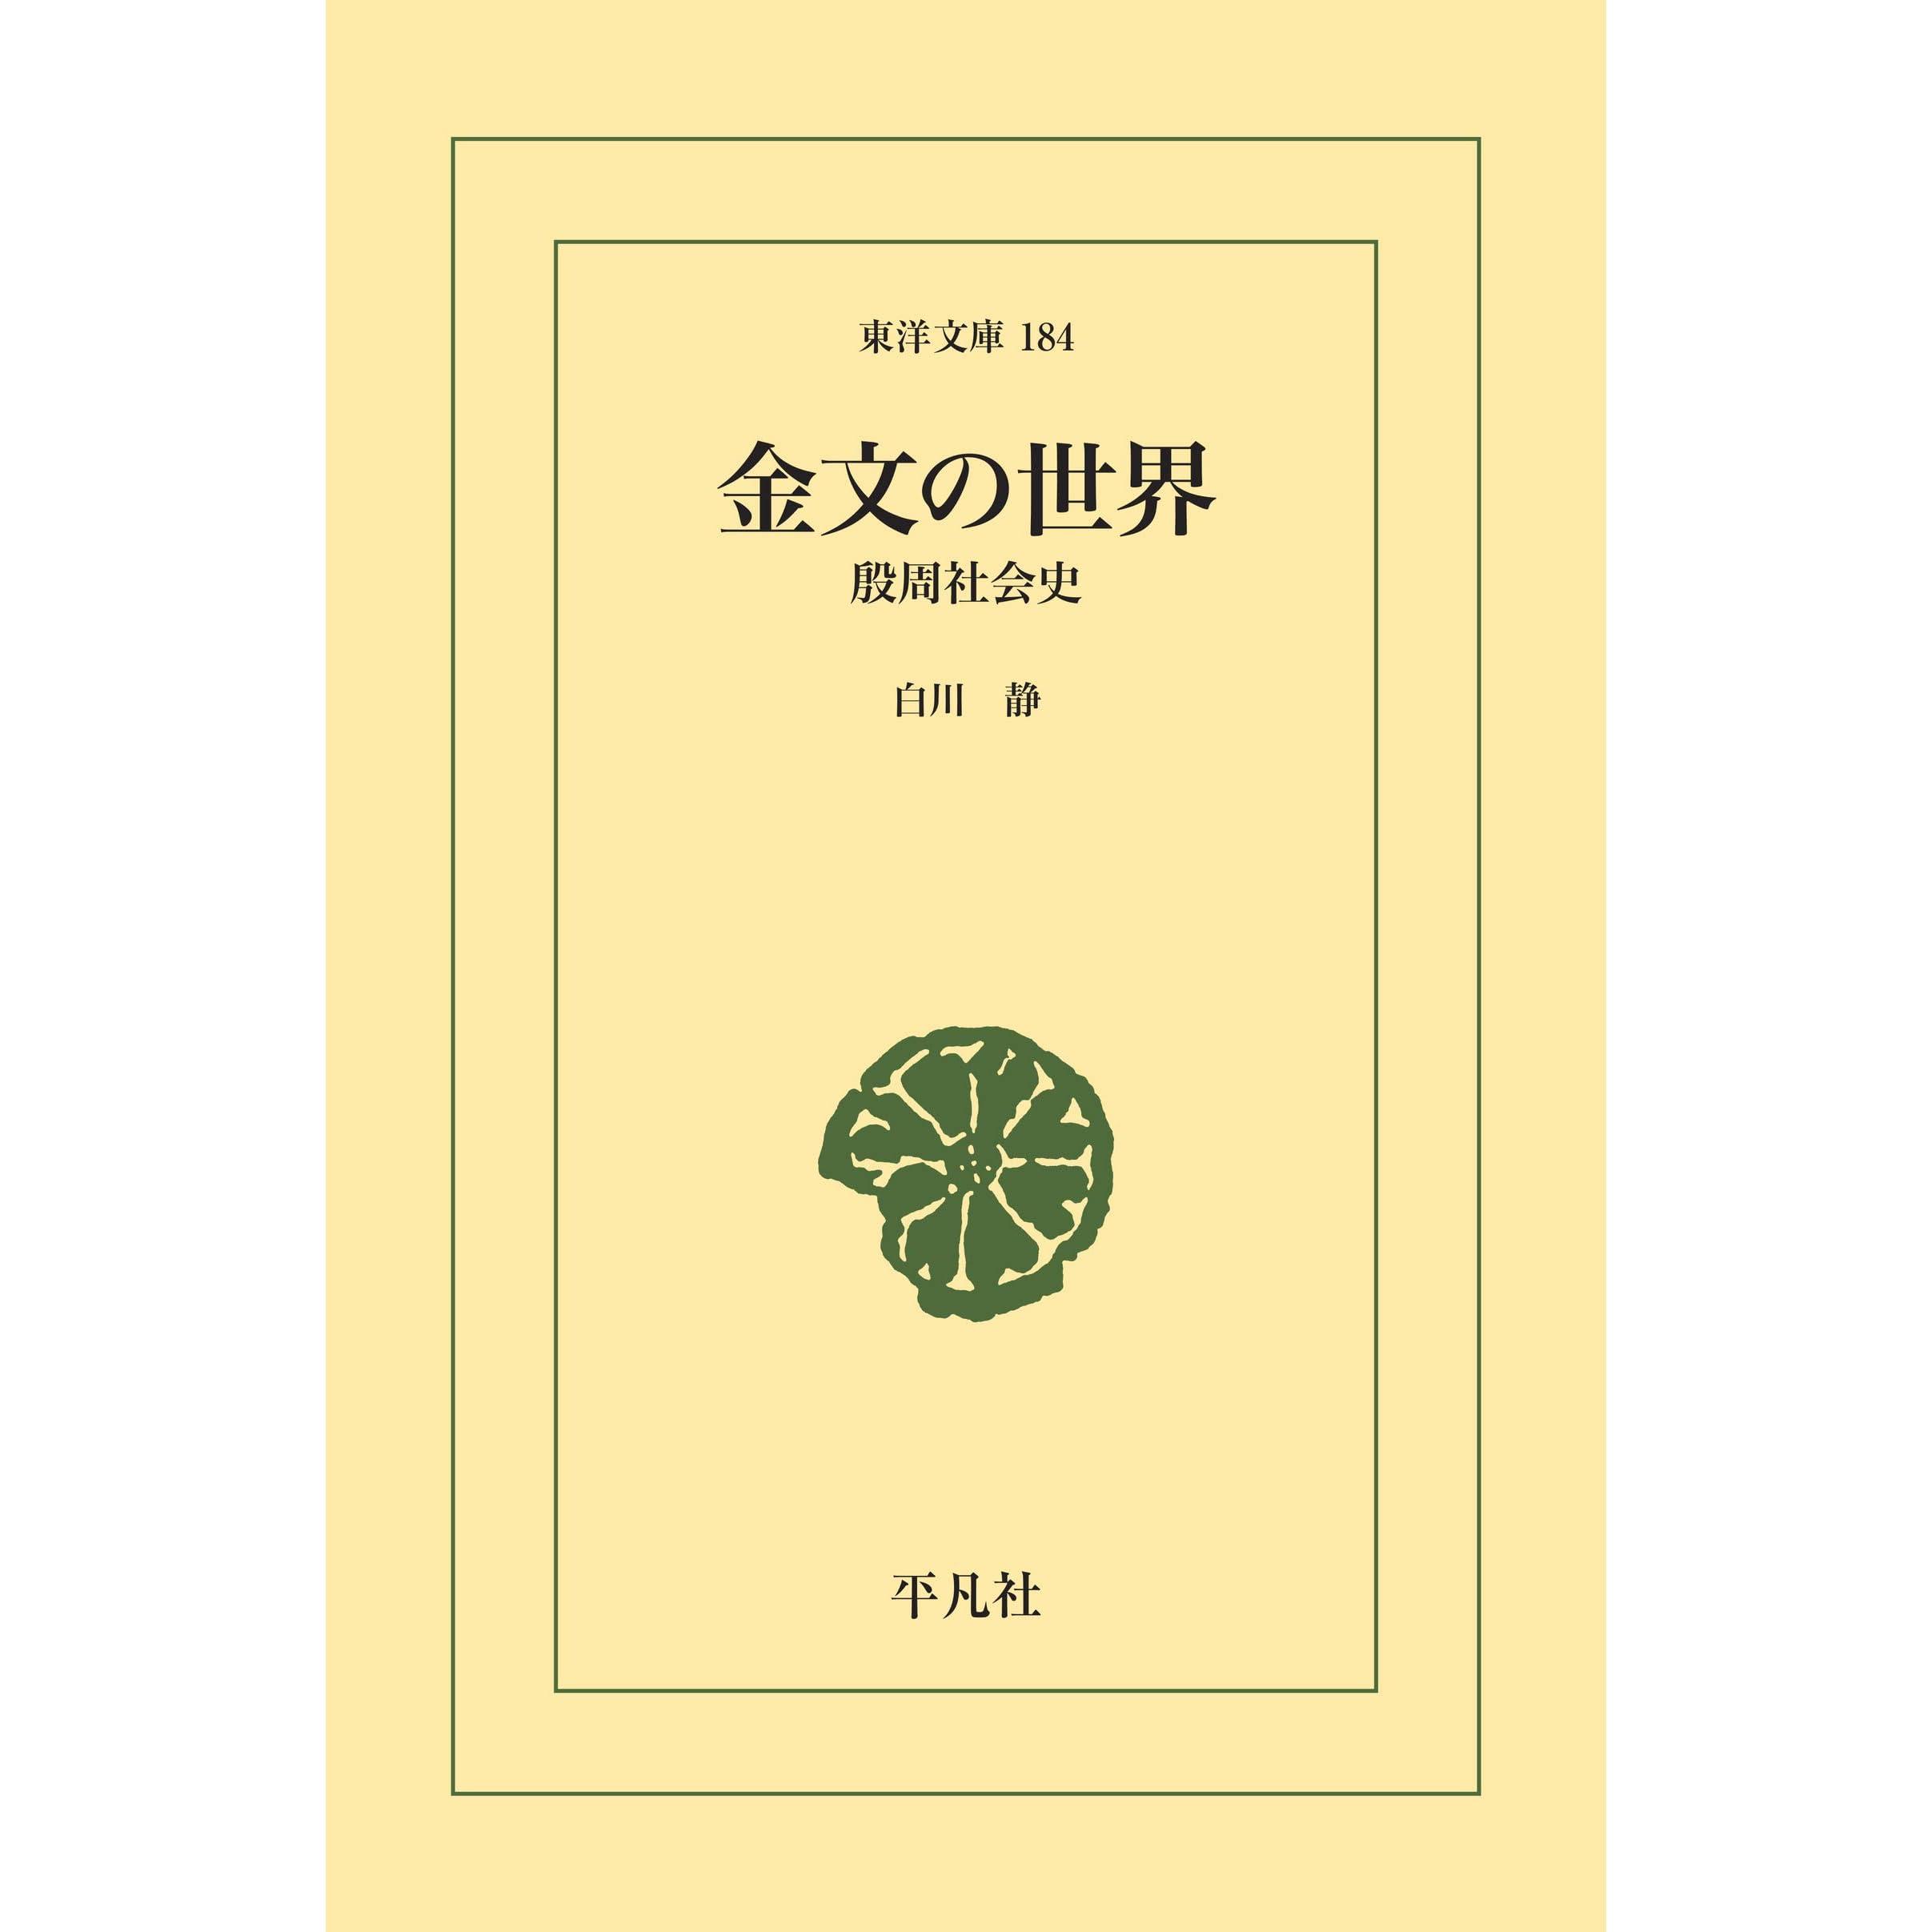 金文の世界 (東洋文庫0184) by 白川 静